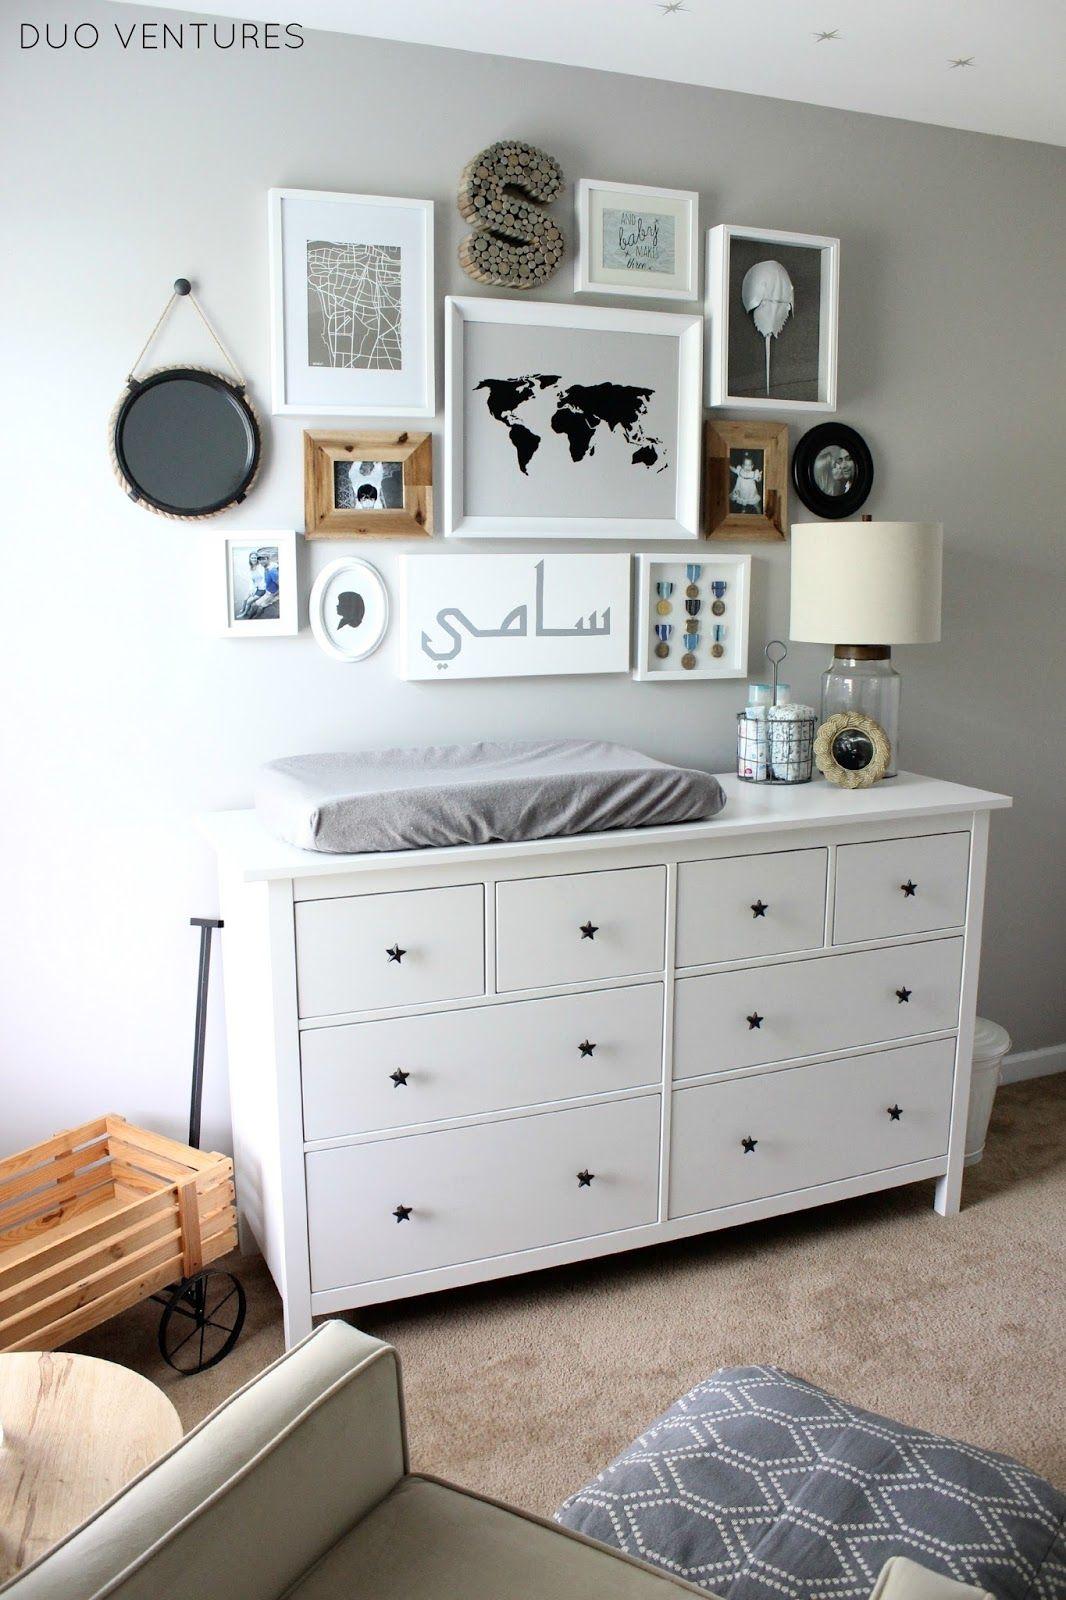 IKEA HEMNES Dresser + Star Pulls U003d Custom Dresser U0026 Changing Table